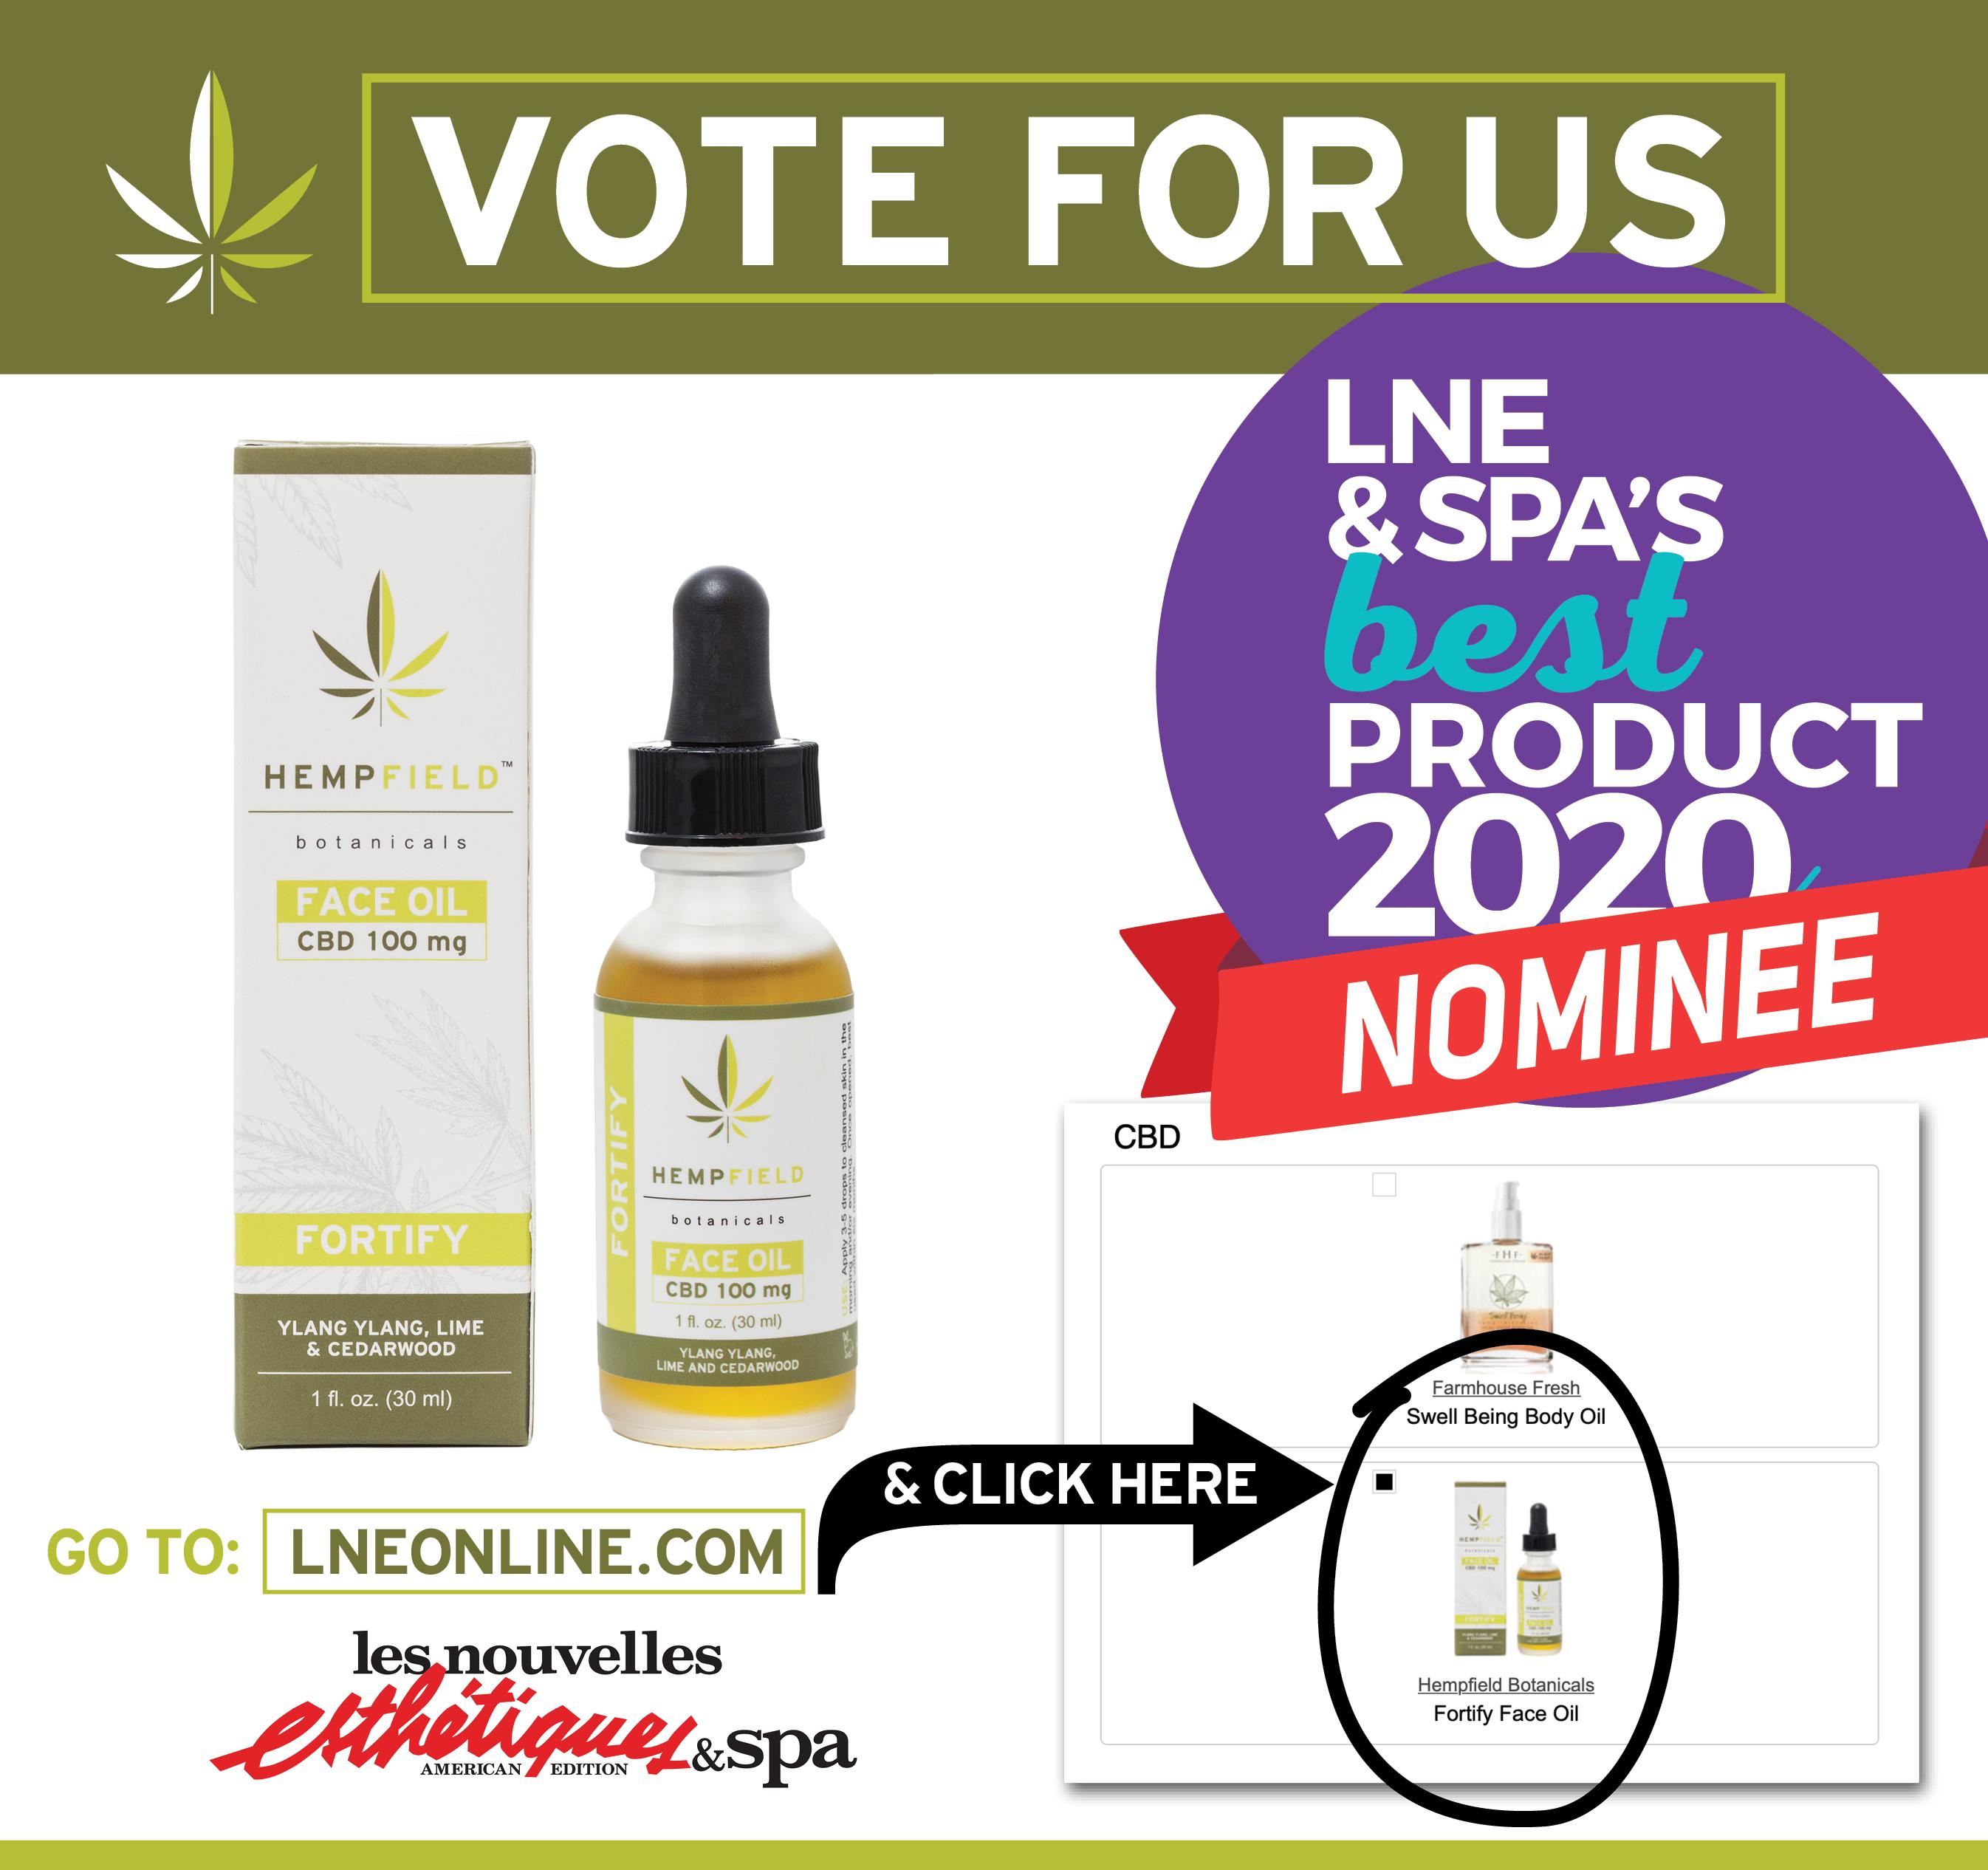 LNE & Spa Best Products 2010 | Hempfield Botanicals